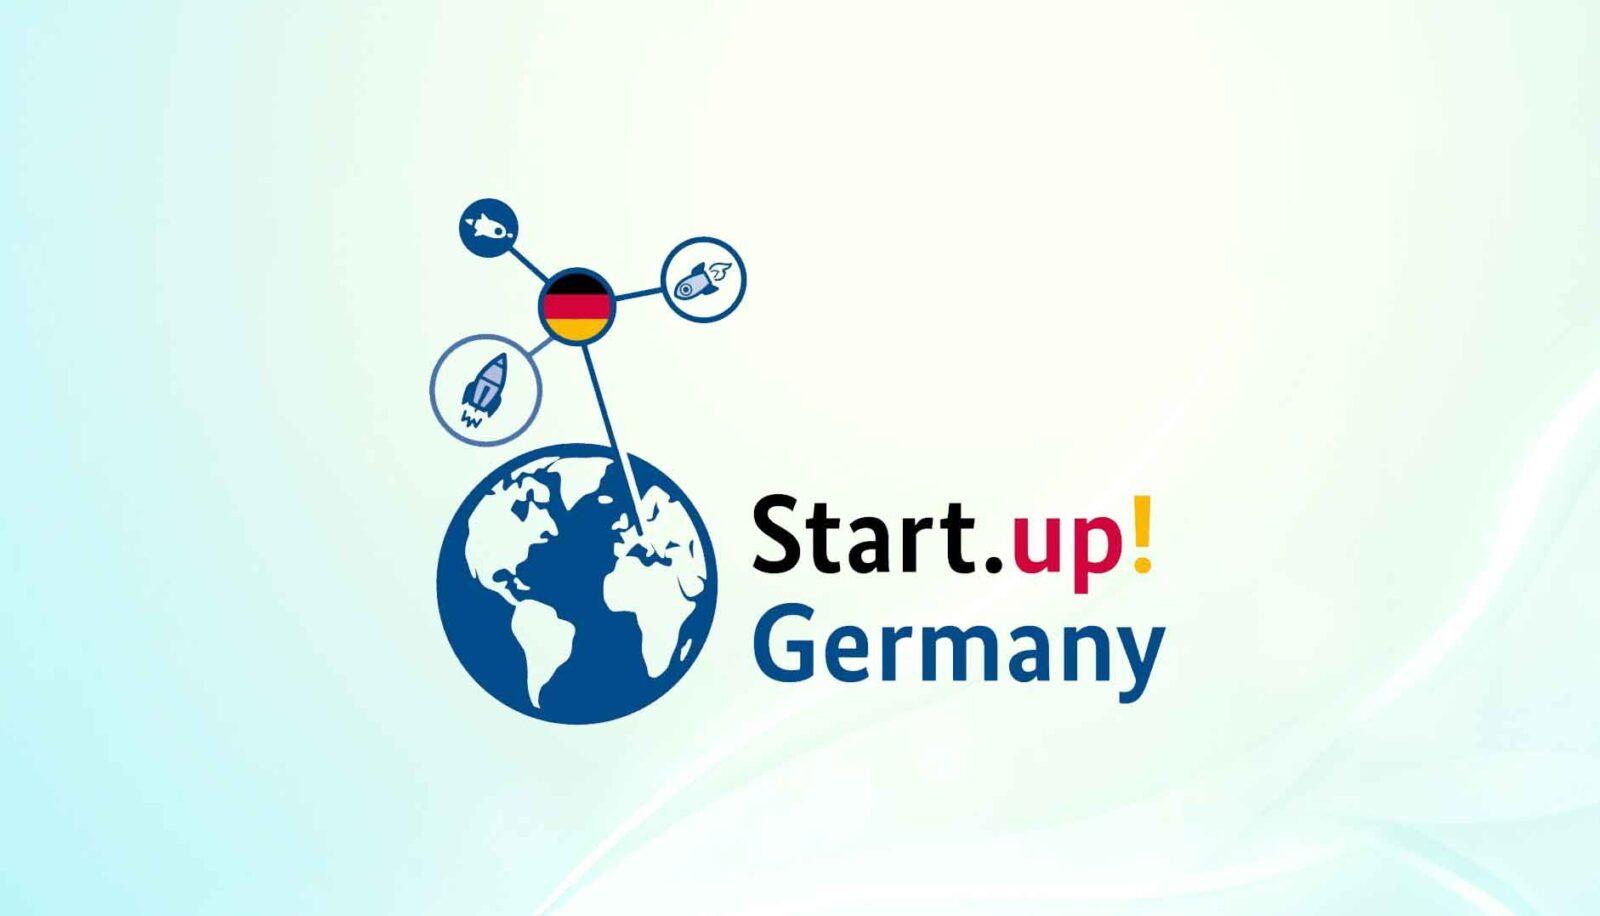 10 استارتاپ ایرانی موفق به حضور در رویداد Start.UP!Germany شدند